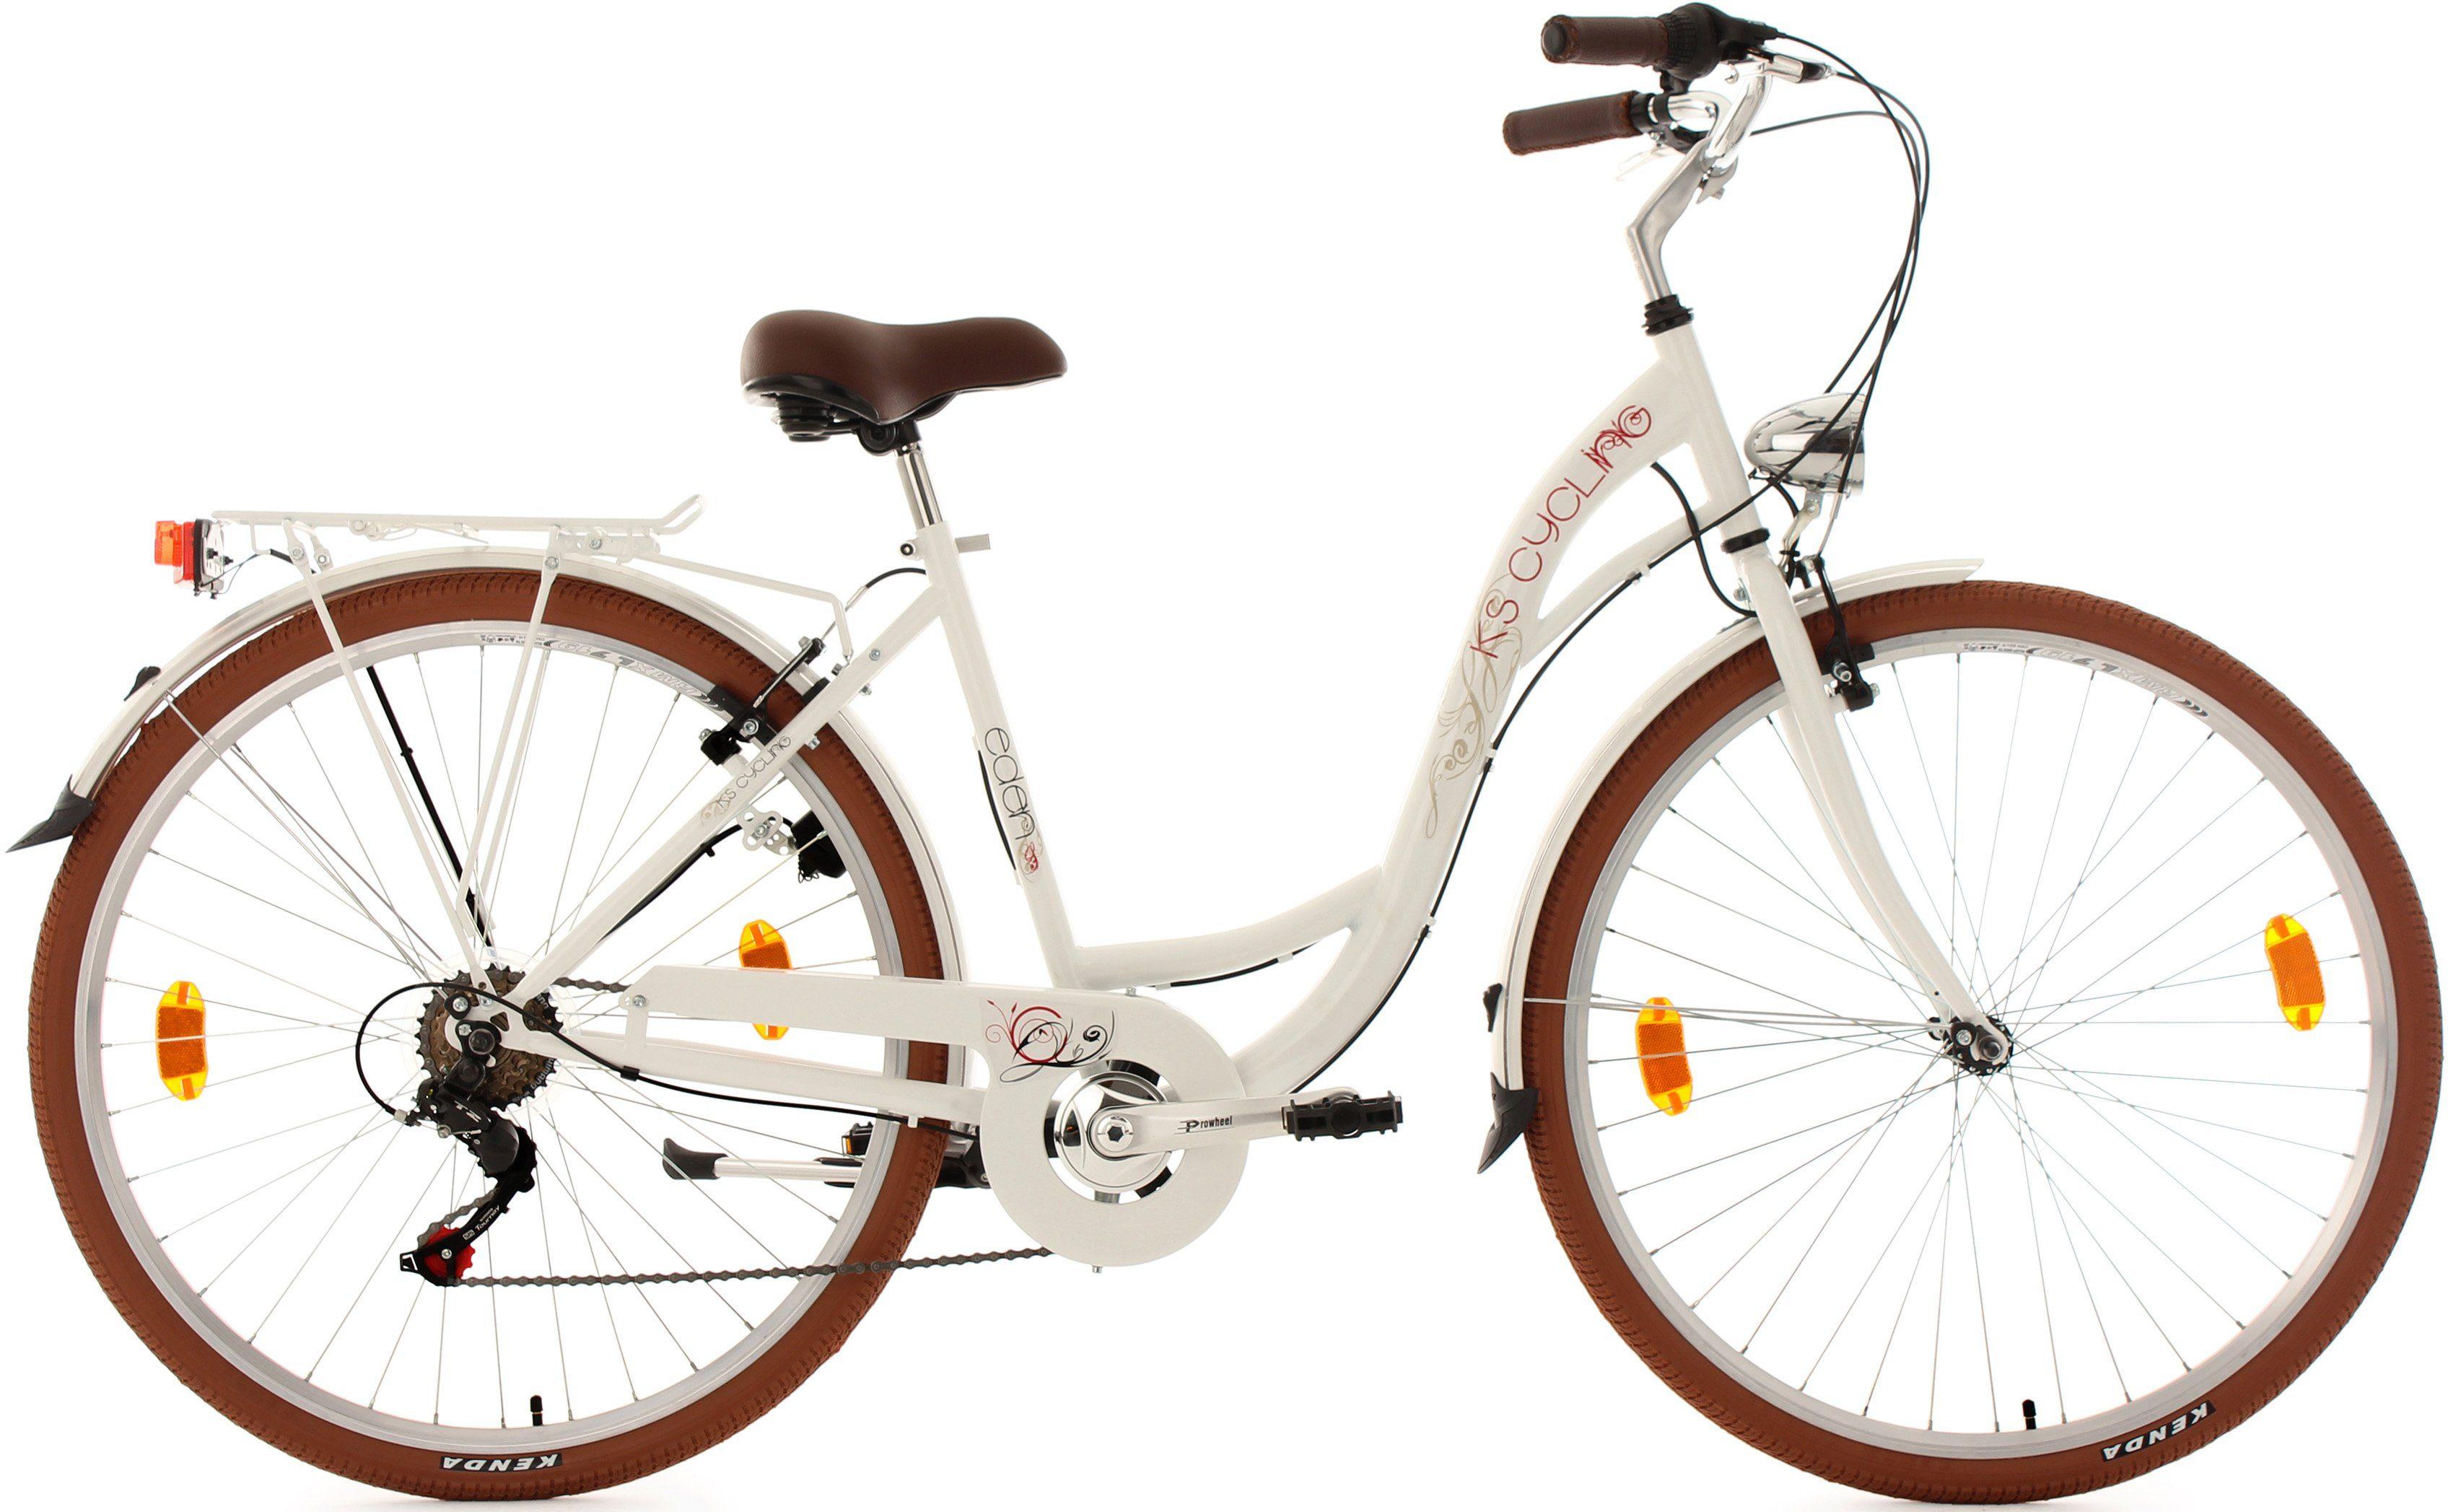 KS Cycling Damen-Cityrad, 28 Zoll, weiß, Shimano 6 Gang-Kettenschaltung, »Eden«